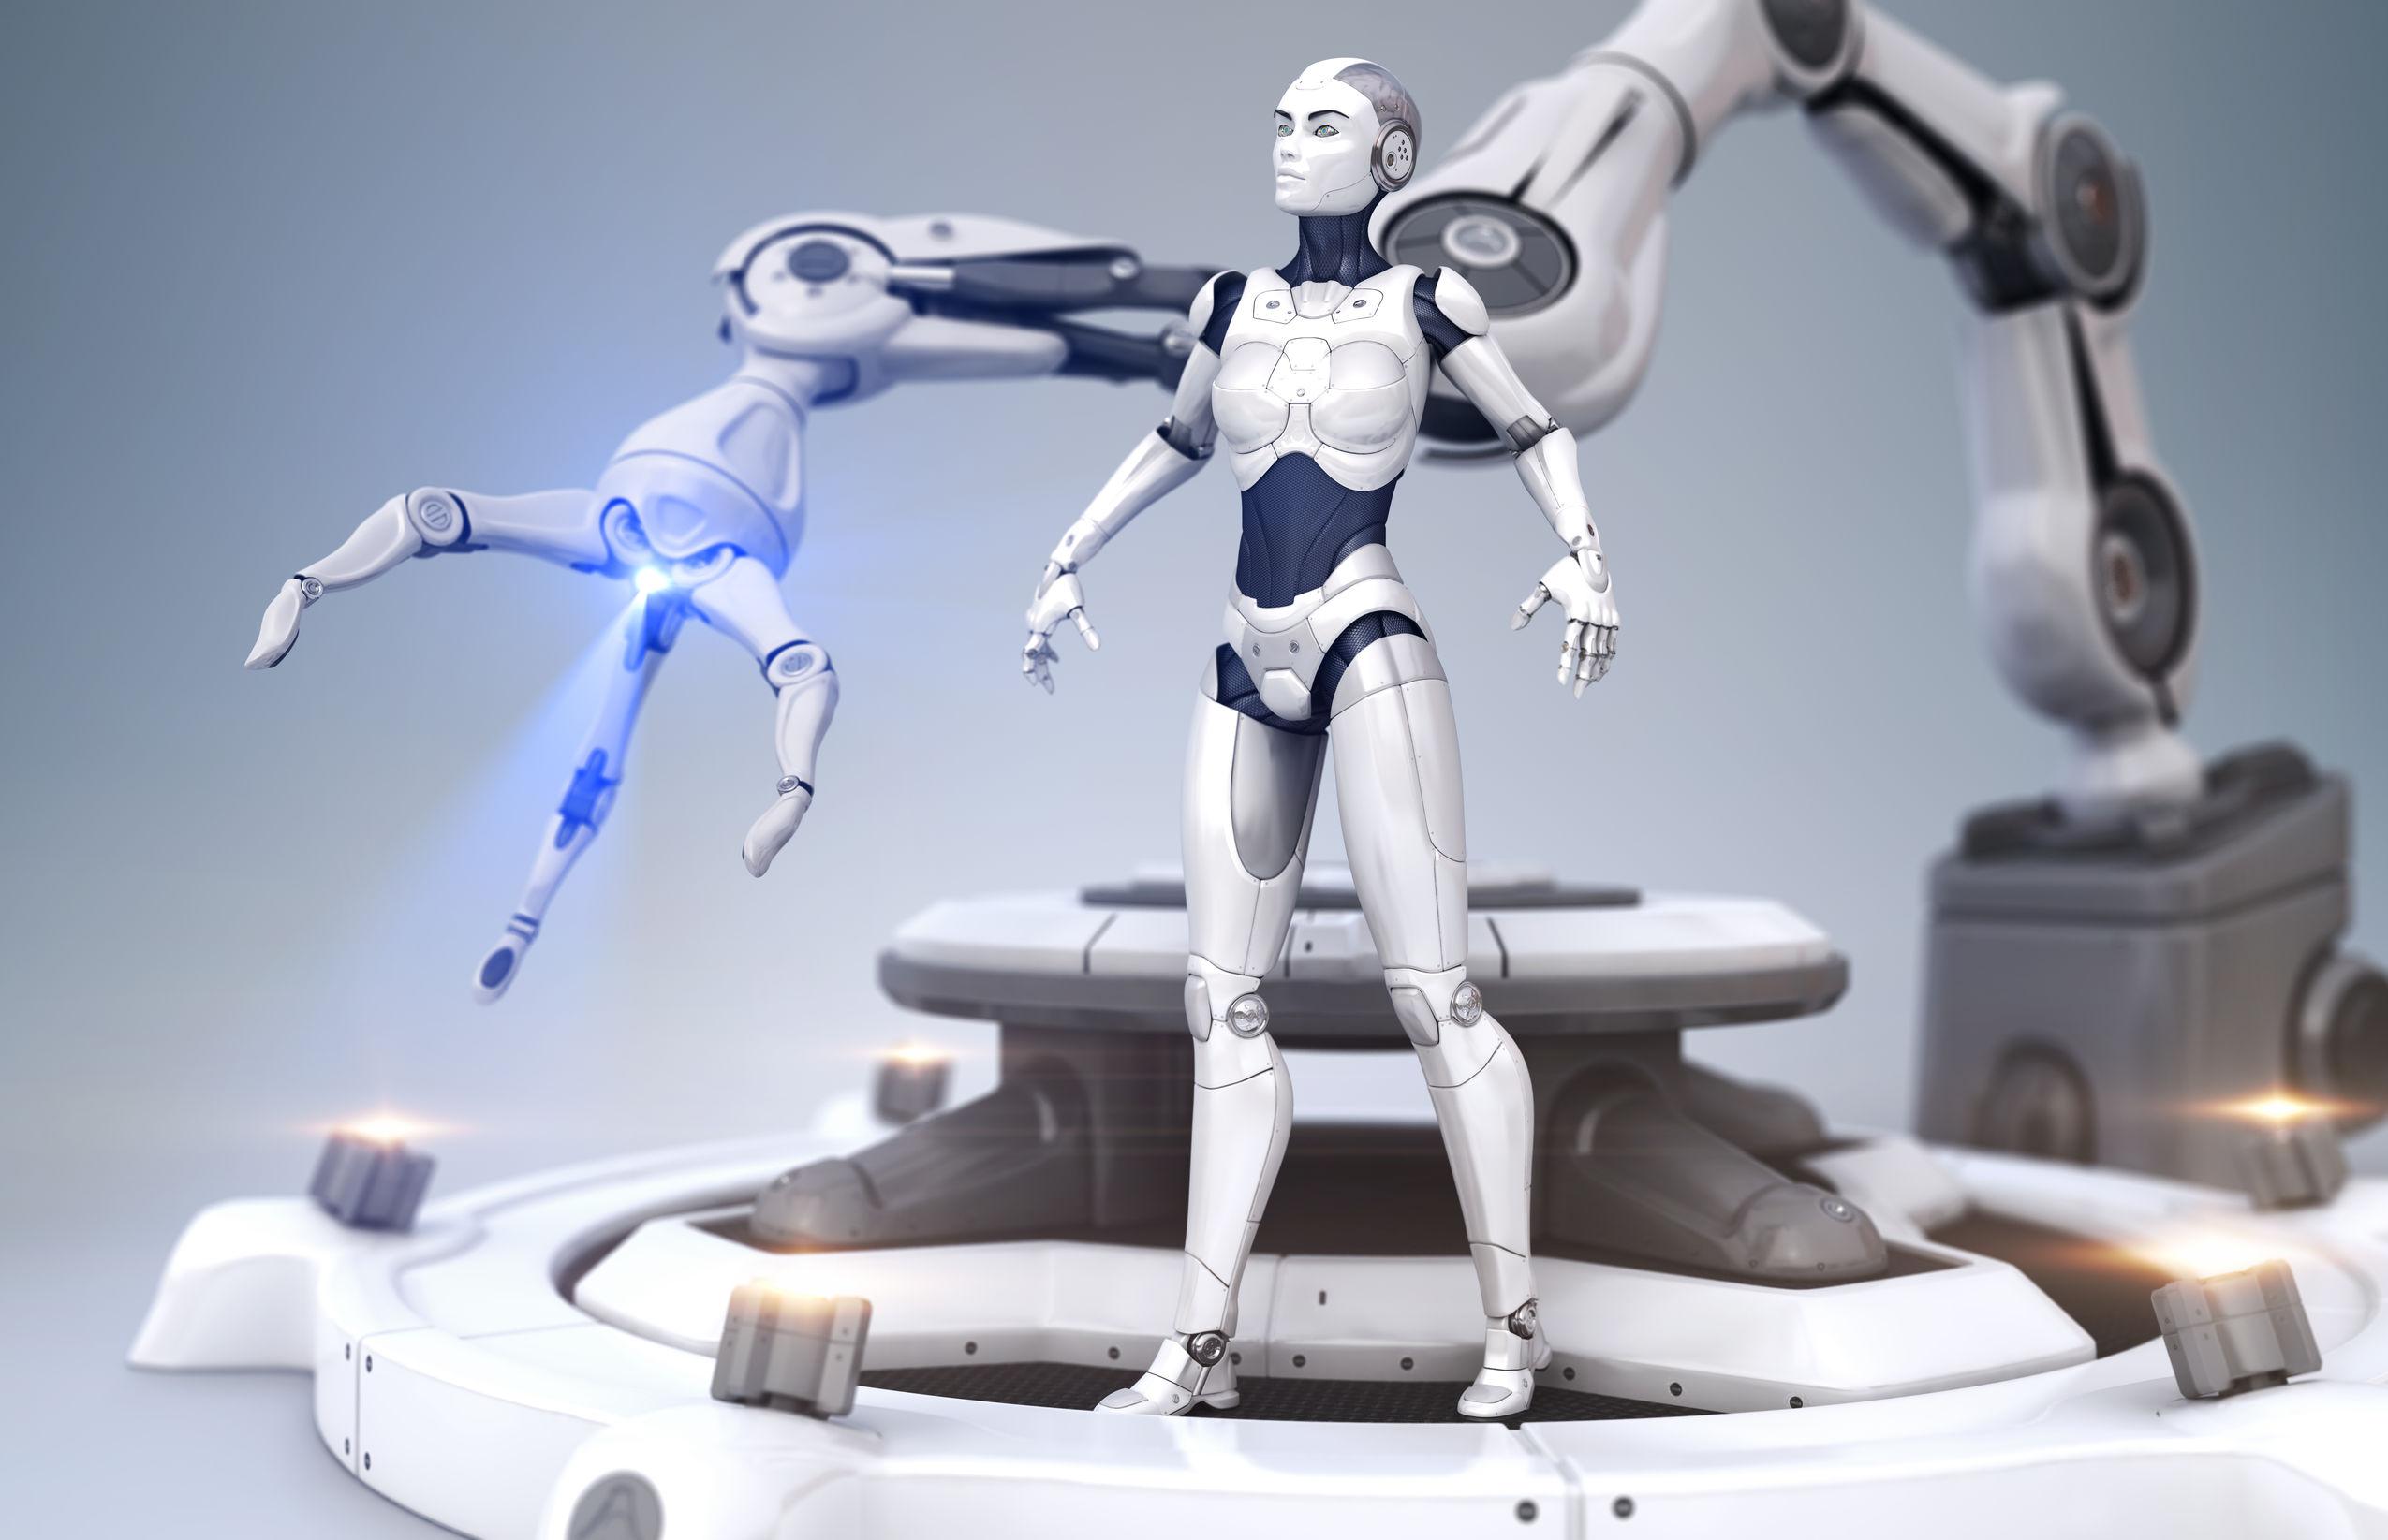 4 cách trí tuệ nhân tạo thay đổi ngành công nghiệp dịch vụ thực địa - Ảnh 4.